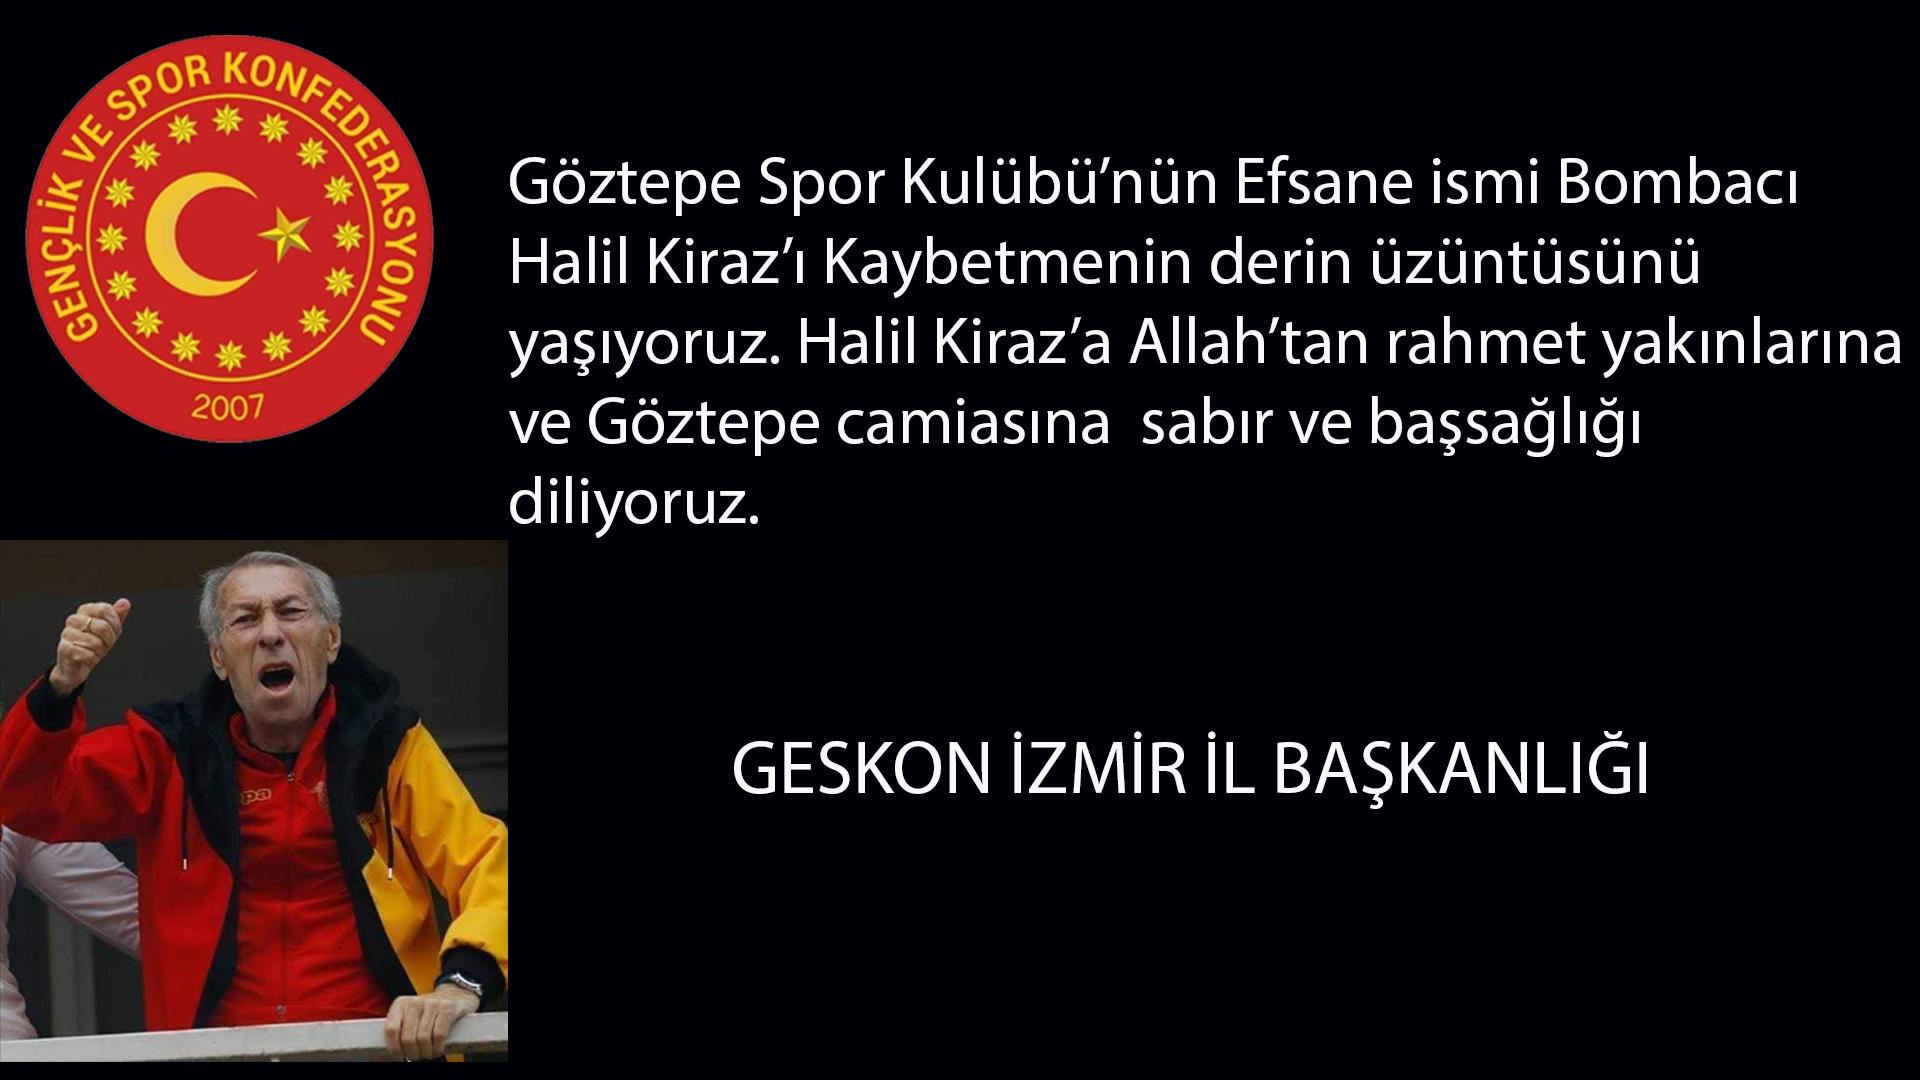 Gençlik ve Spor Konfederasyonu İzmir İl Başkanlığı'ndan Başsağlığı Mesajı